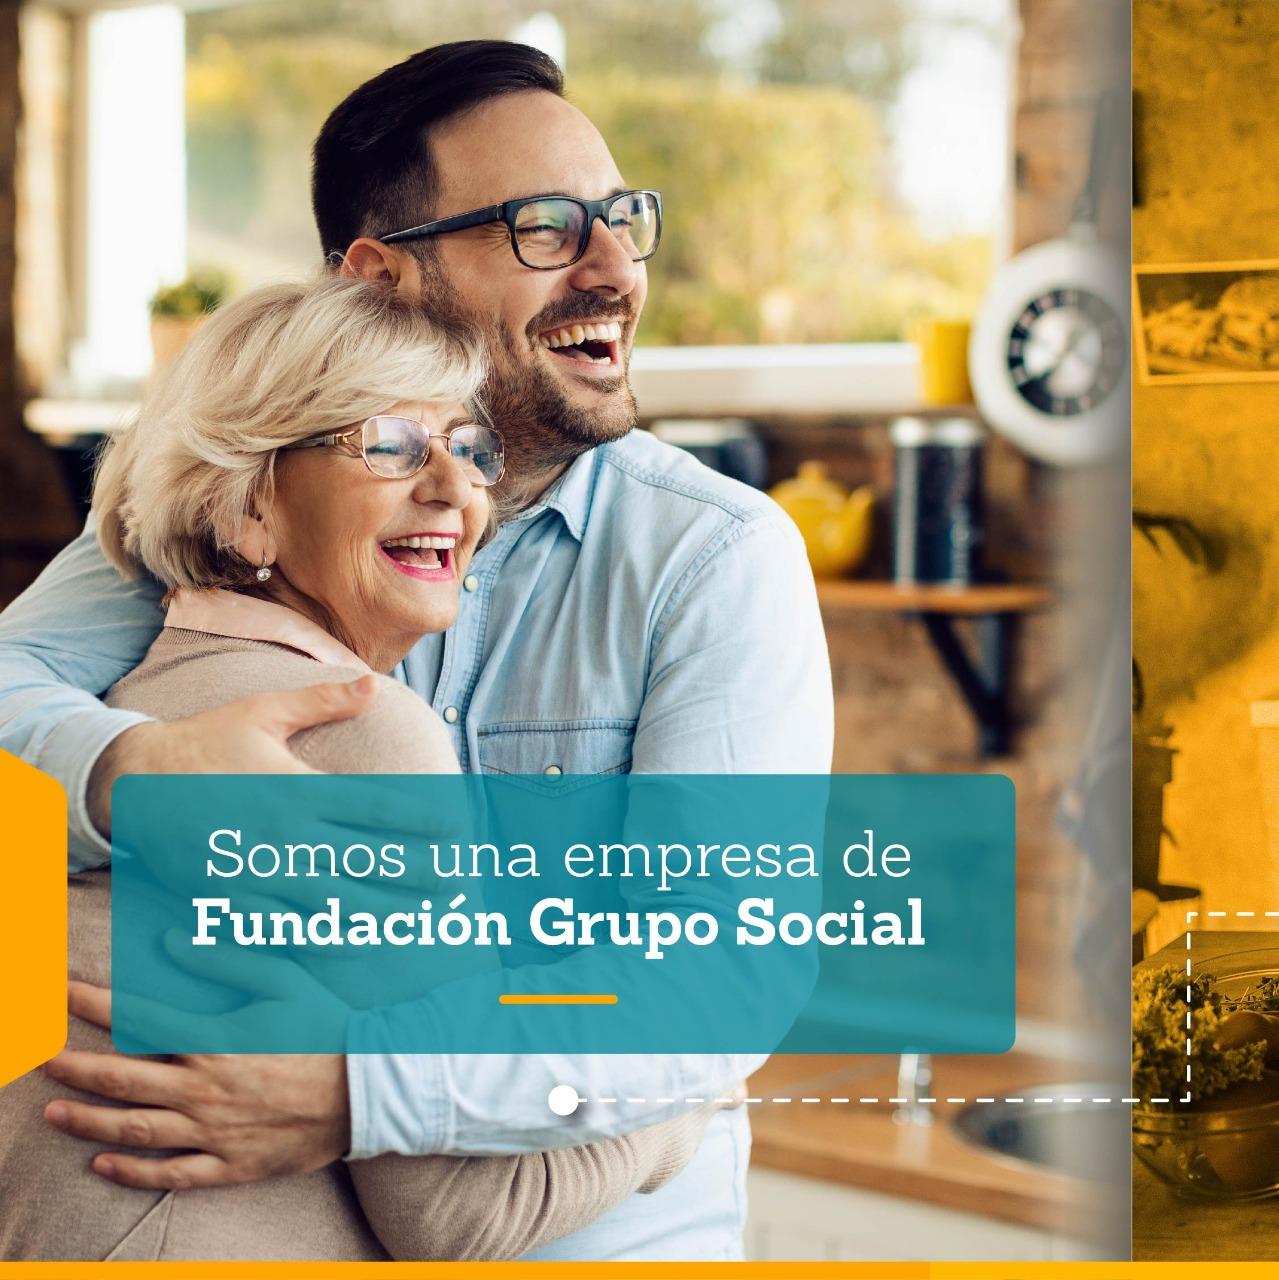 Somos una empresa de Fundación Grupo Social